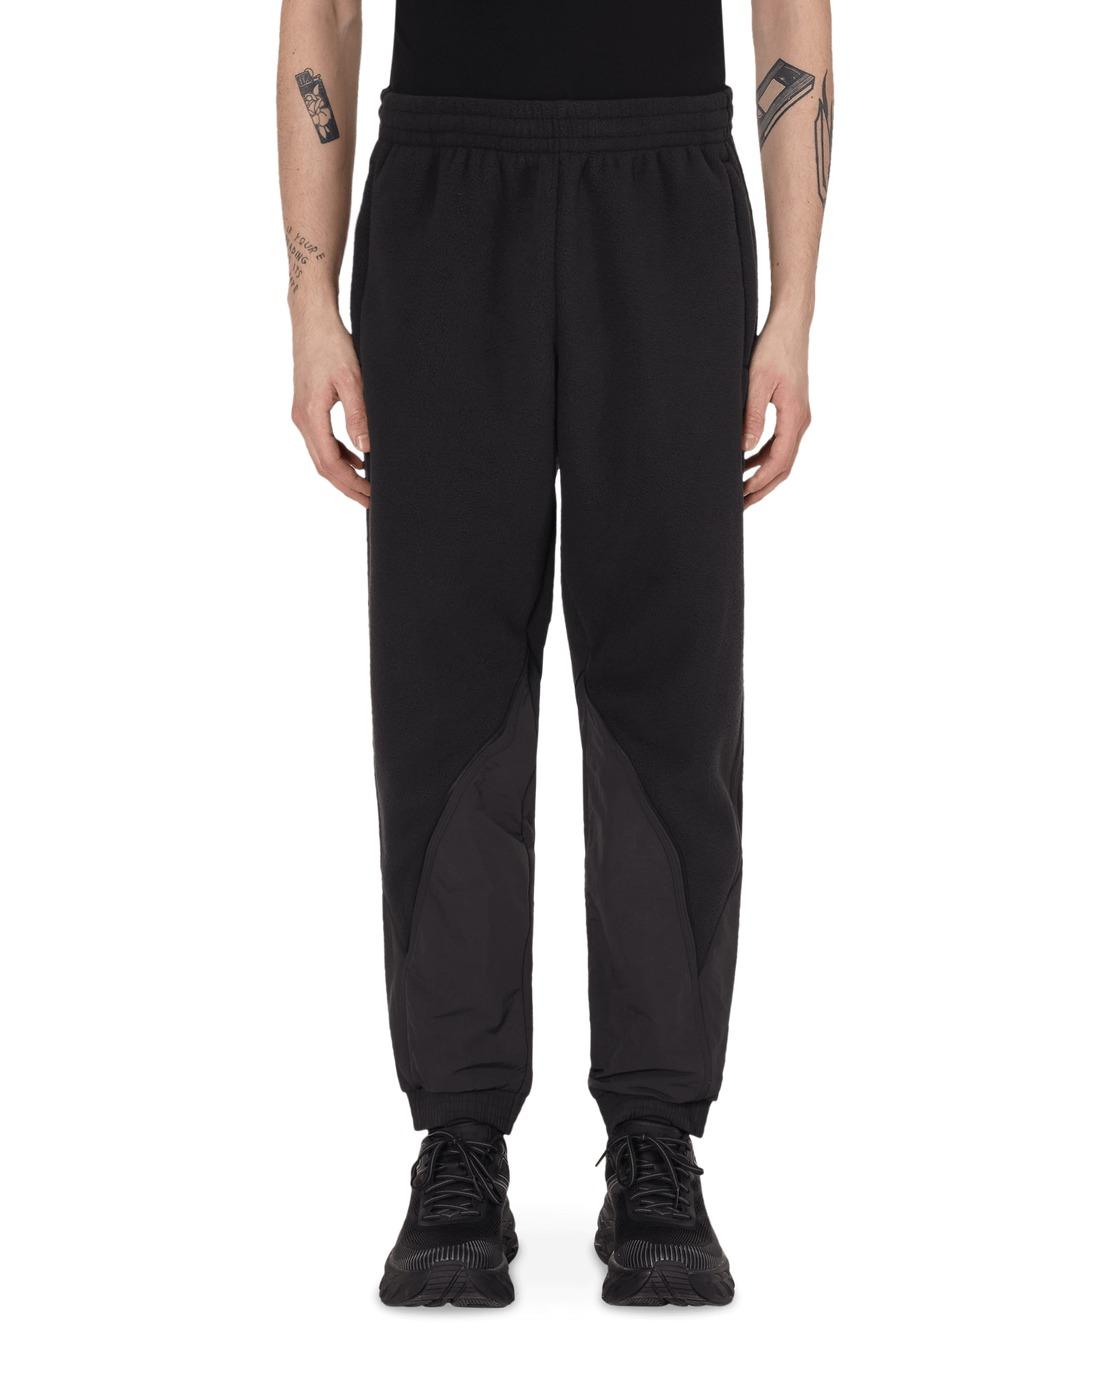 Adidas Originals Big Trefoil Polar Fleece Mix Track Pants Black